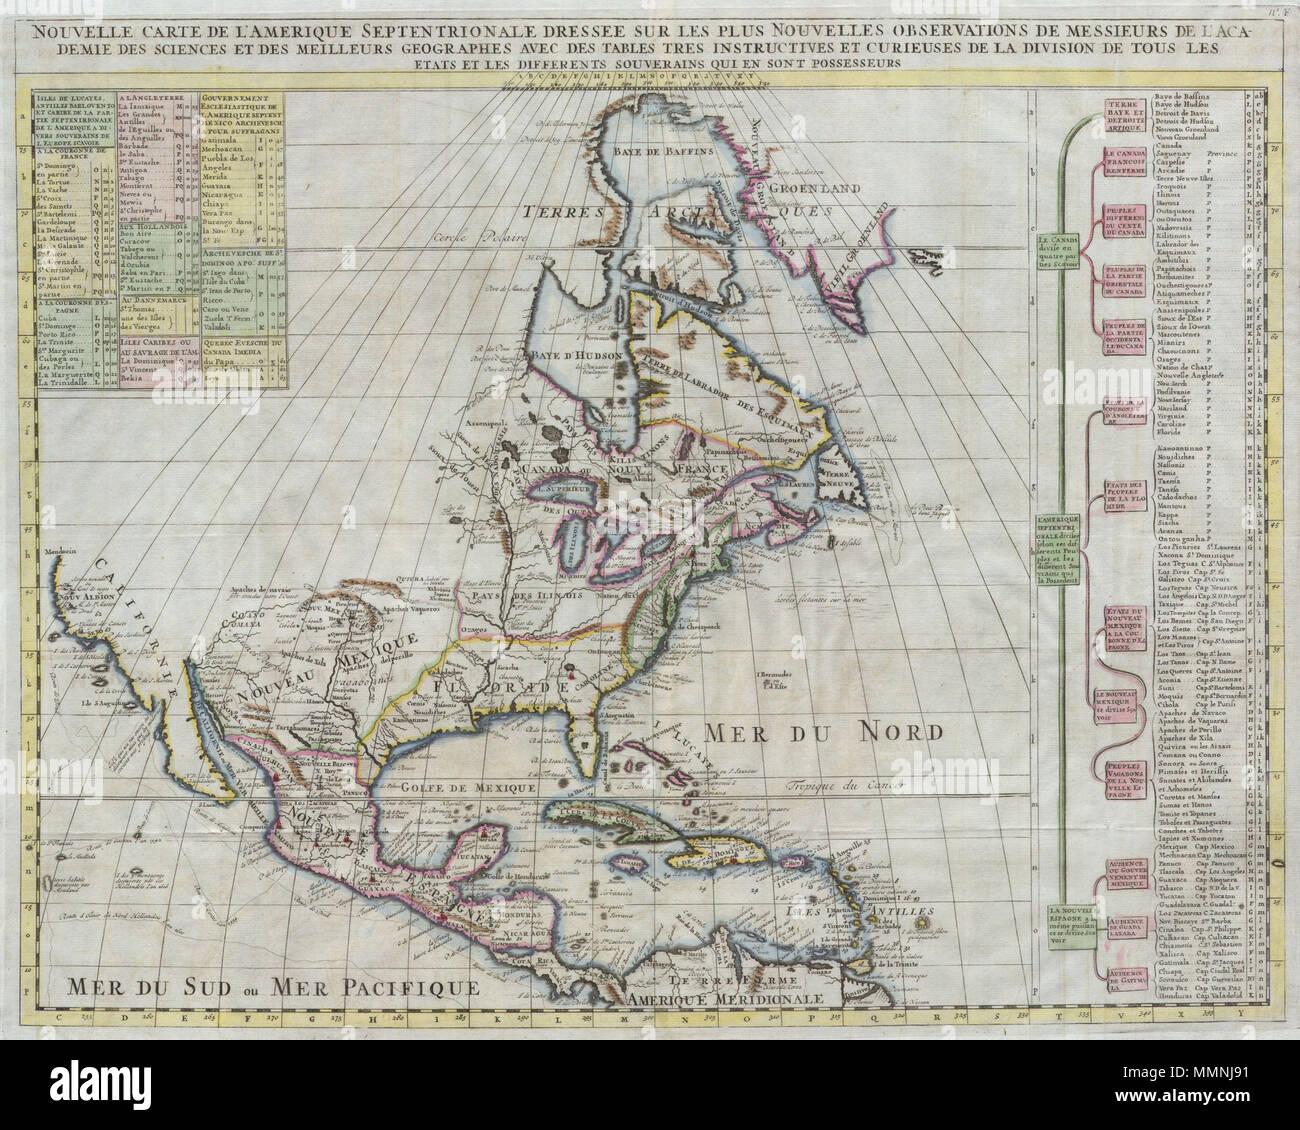 Indianerstamme Nordamerikas Karte.Englisch Hier Angeboten Ist Eine Atemberaubende Karte Von